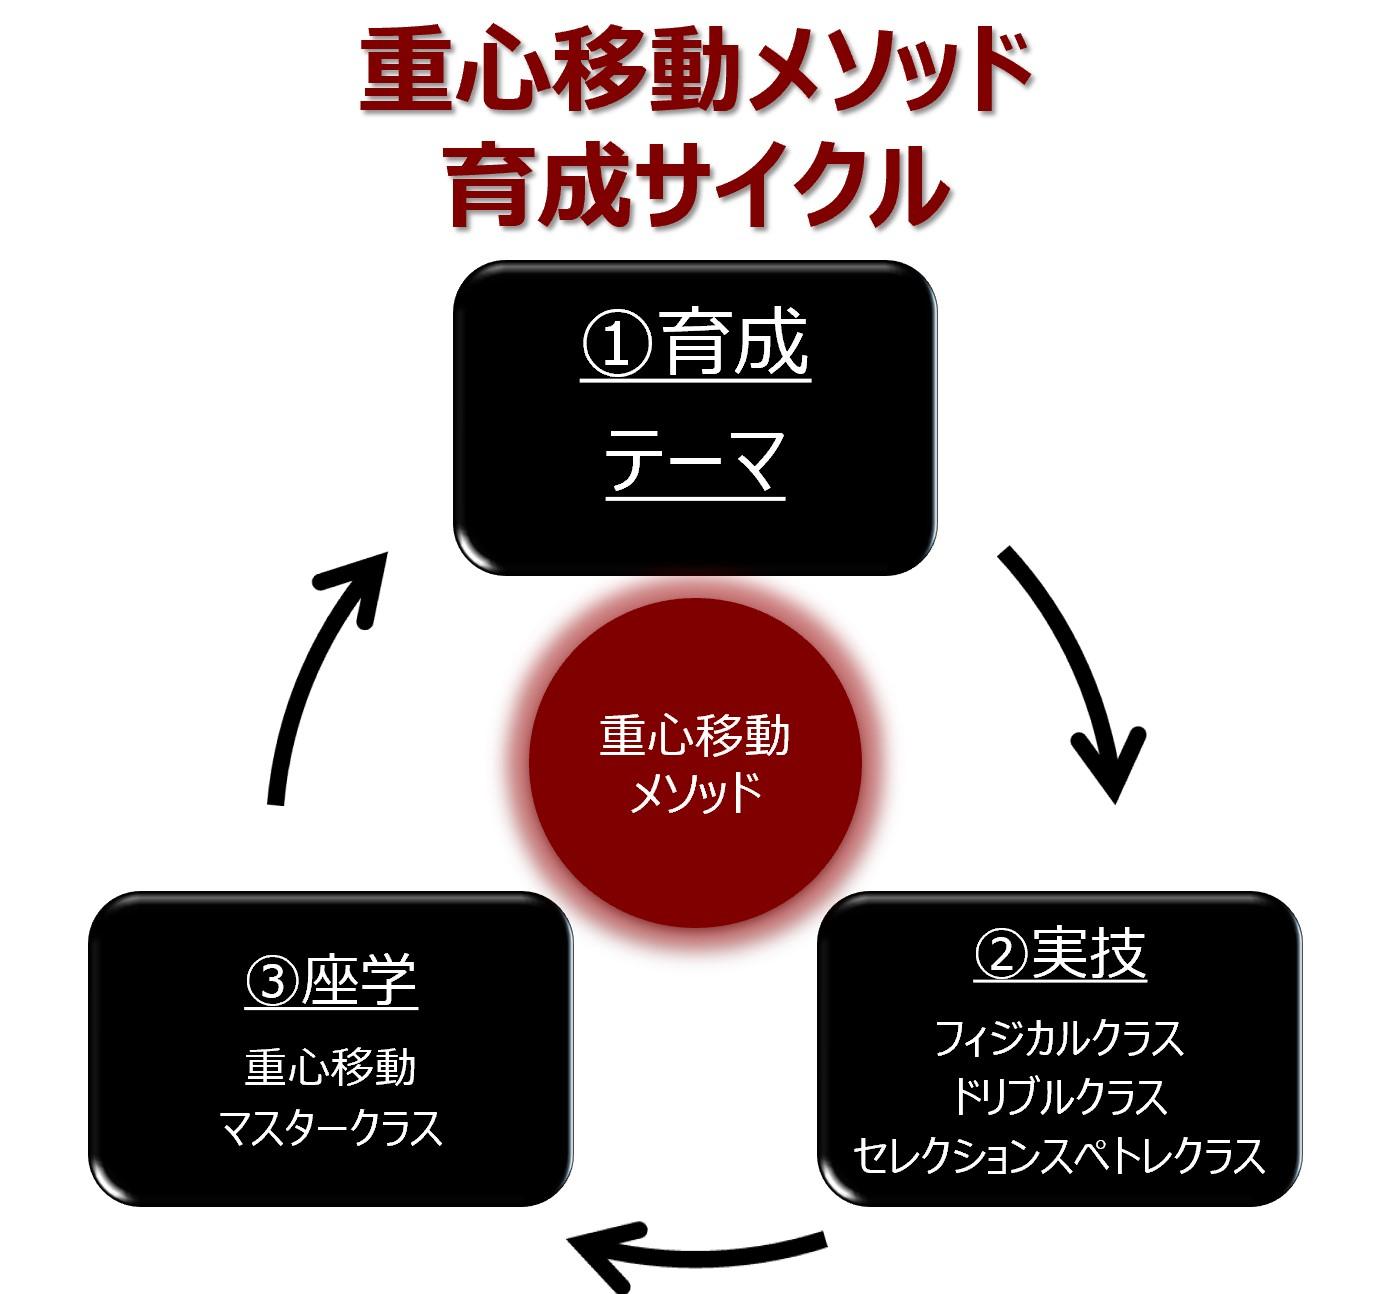 重心移動メソッド_育成サイクル